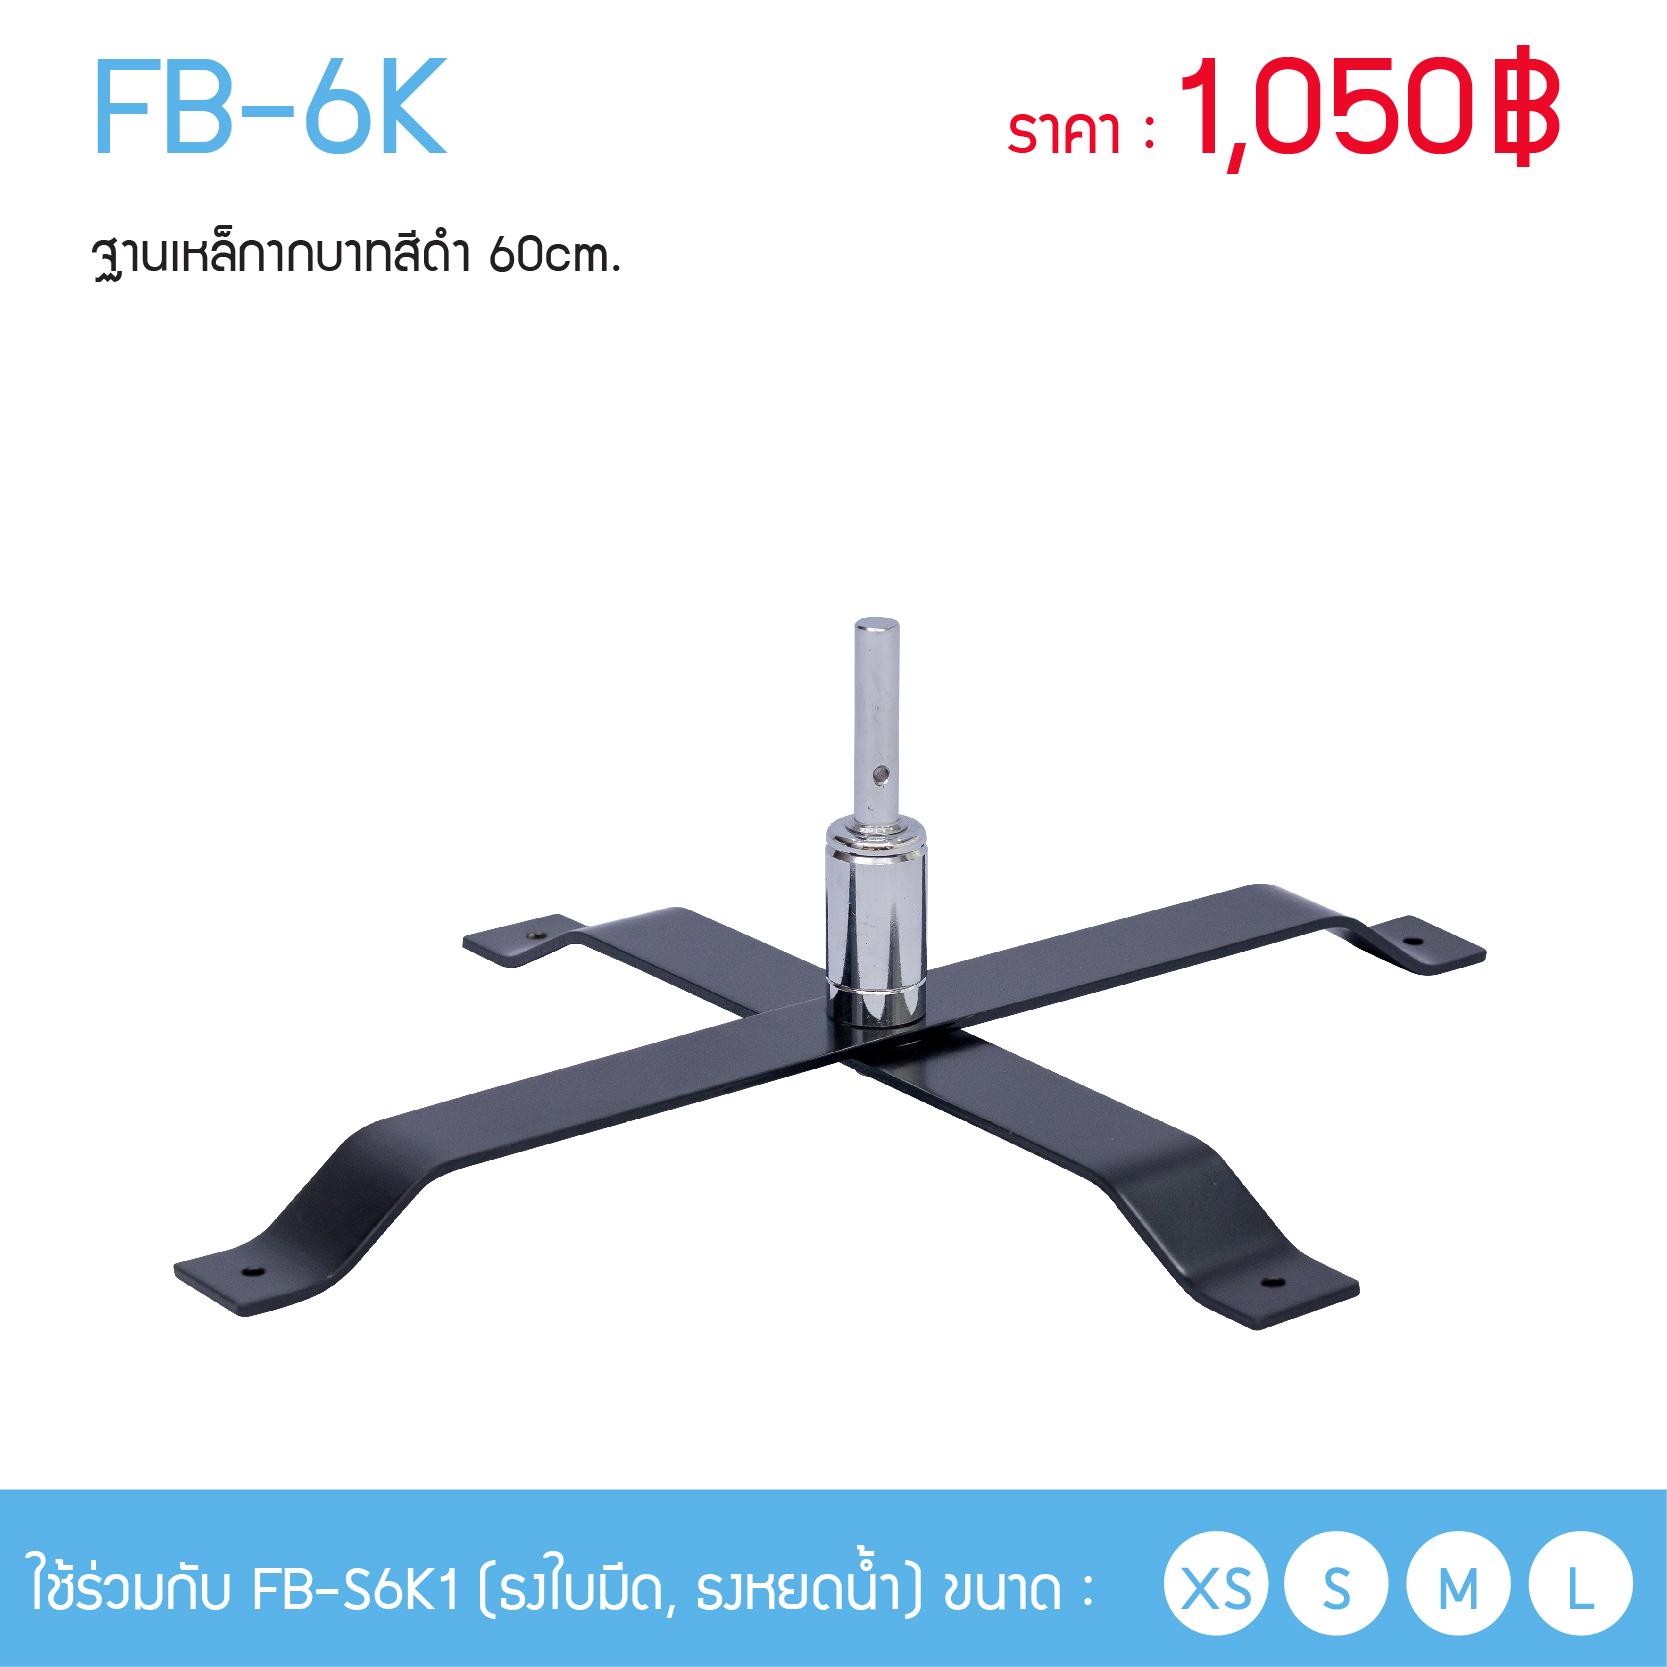 FB-6K